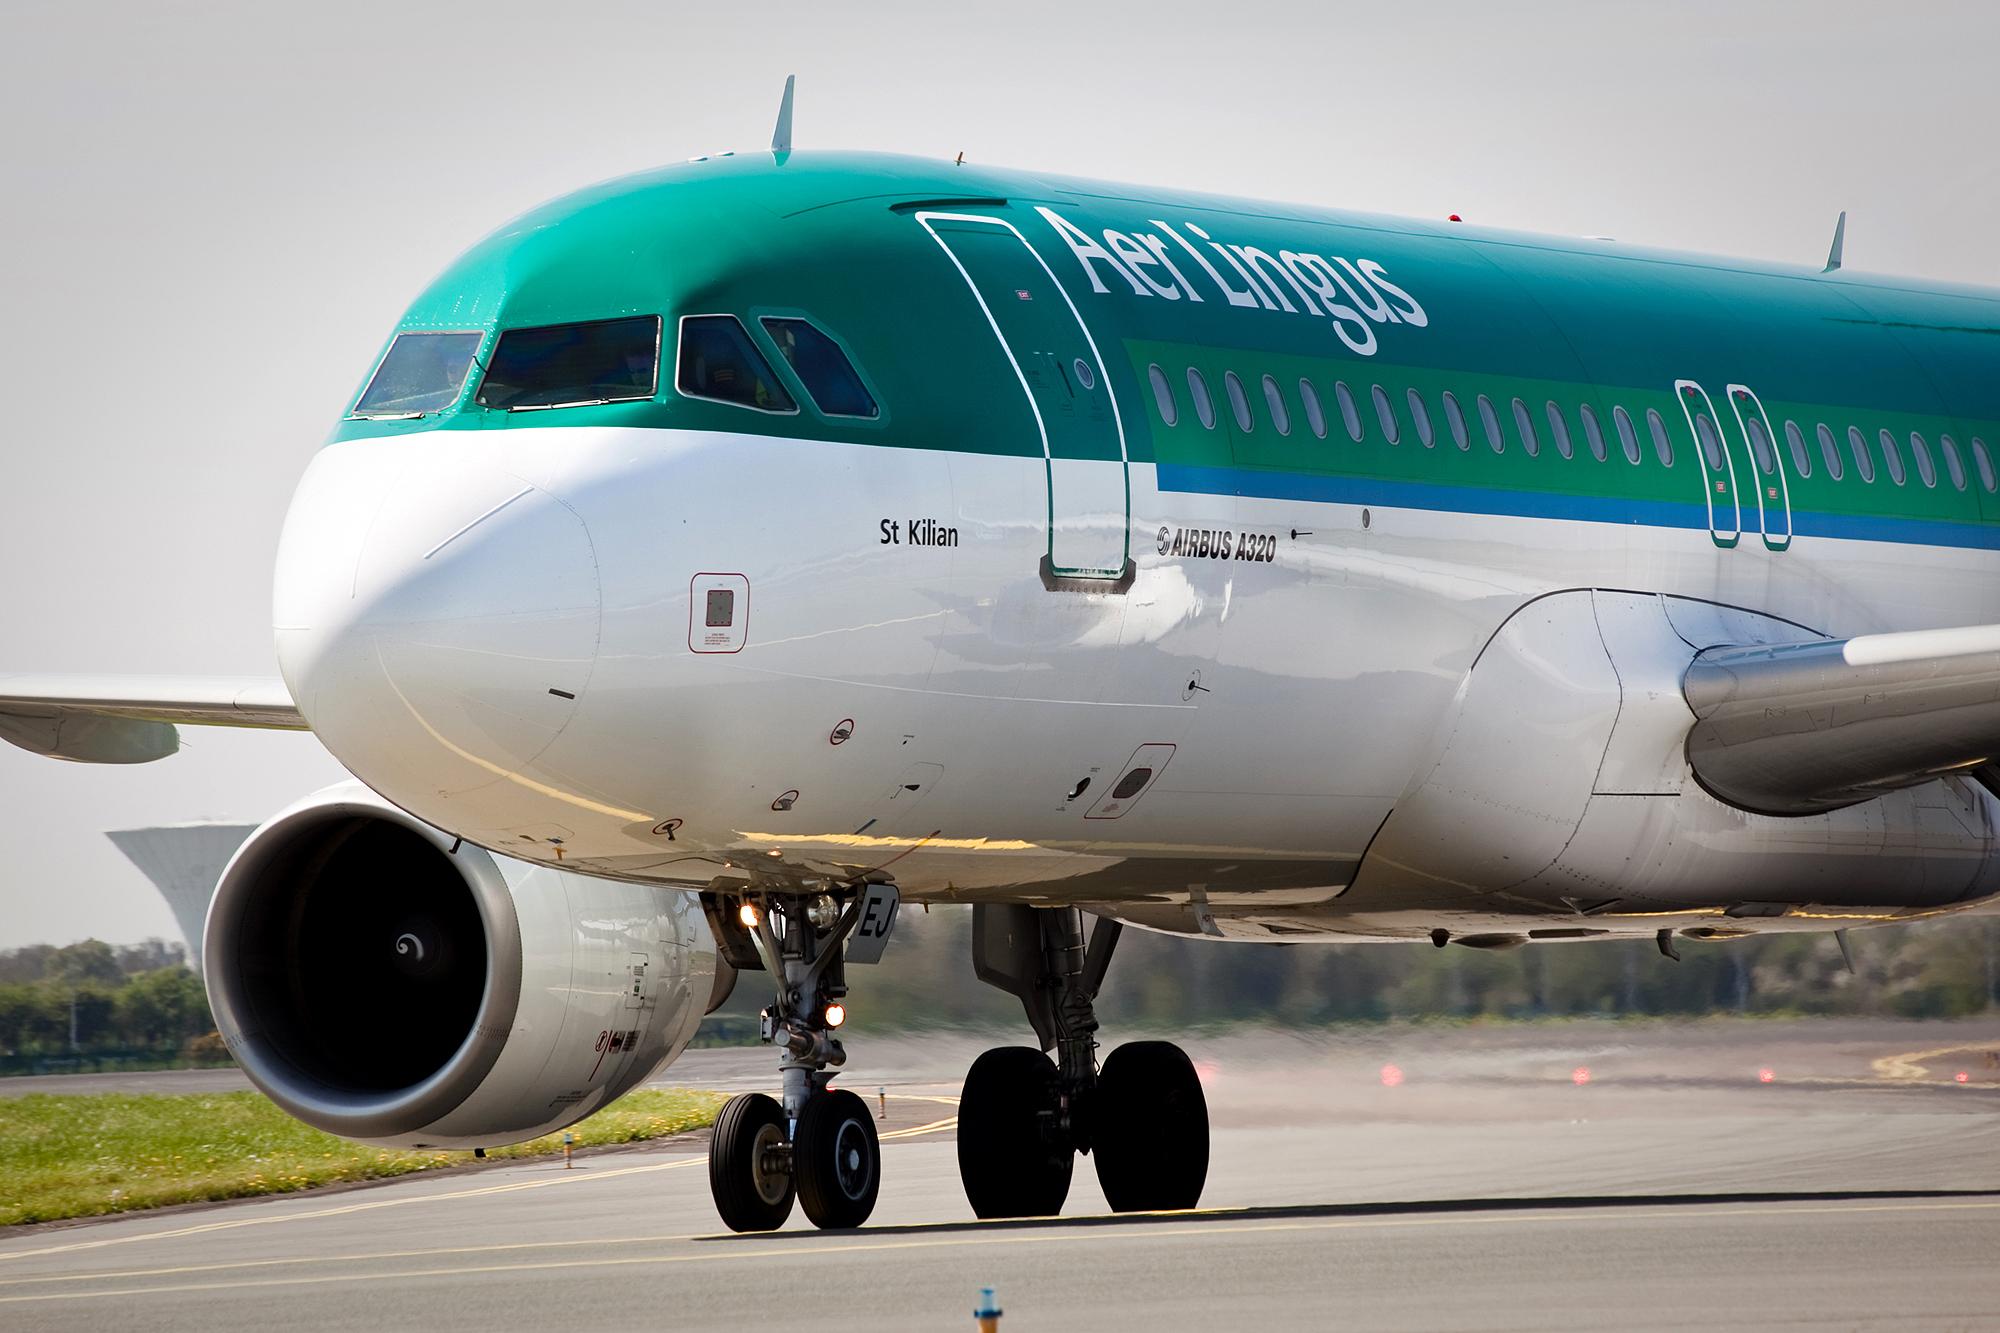 Aer Lingus Airbus A320 i Dublin Airport. Foto: PR/Dublin Airport